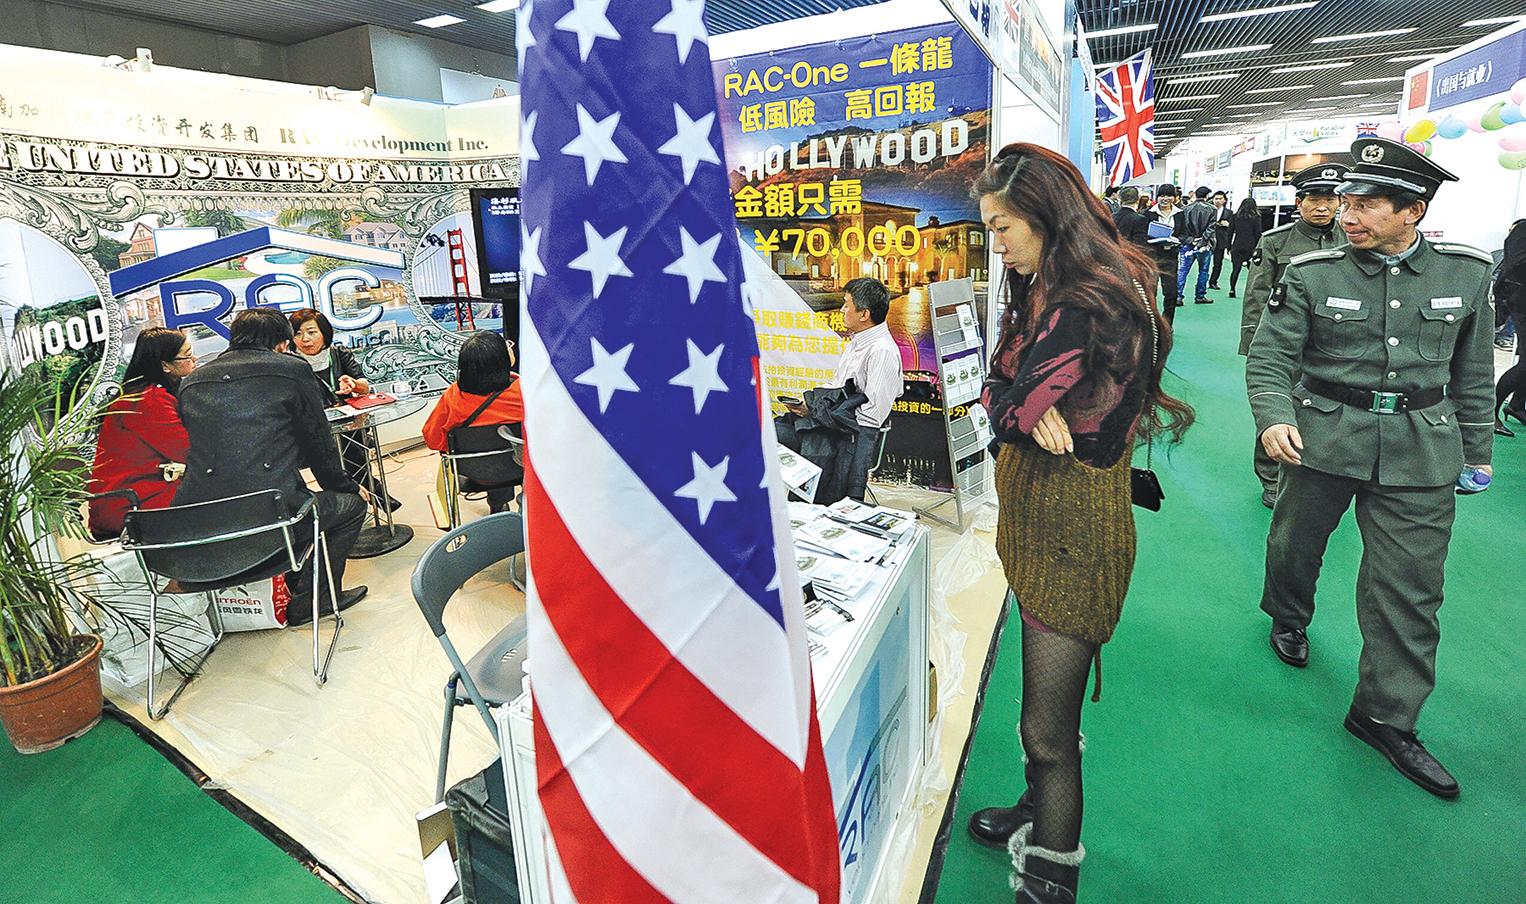 嘴裏說社會主義好的香港有錢人,在紐約、倫敦、溫哥華買房子、拿身份。因為他們需要的是自己的生命權、自由權、財產權的安全。圖為2012年4月在北京舉行的海外和中國房地產博覽會上,人們在關注美國房地產。(Getty Images)